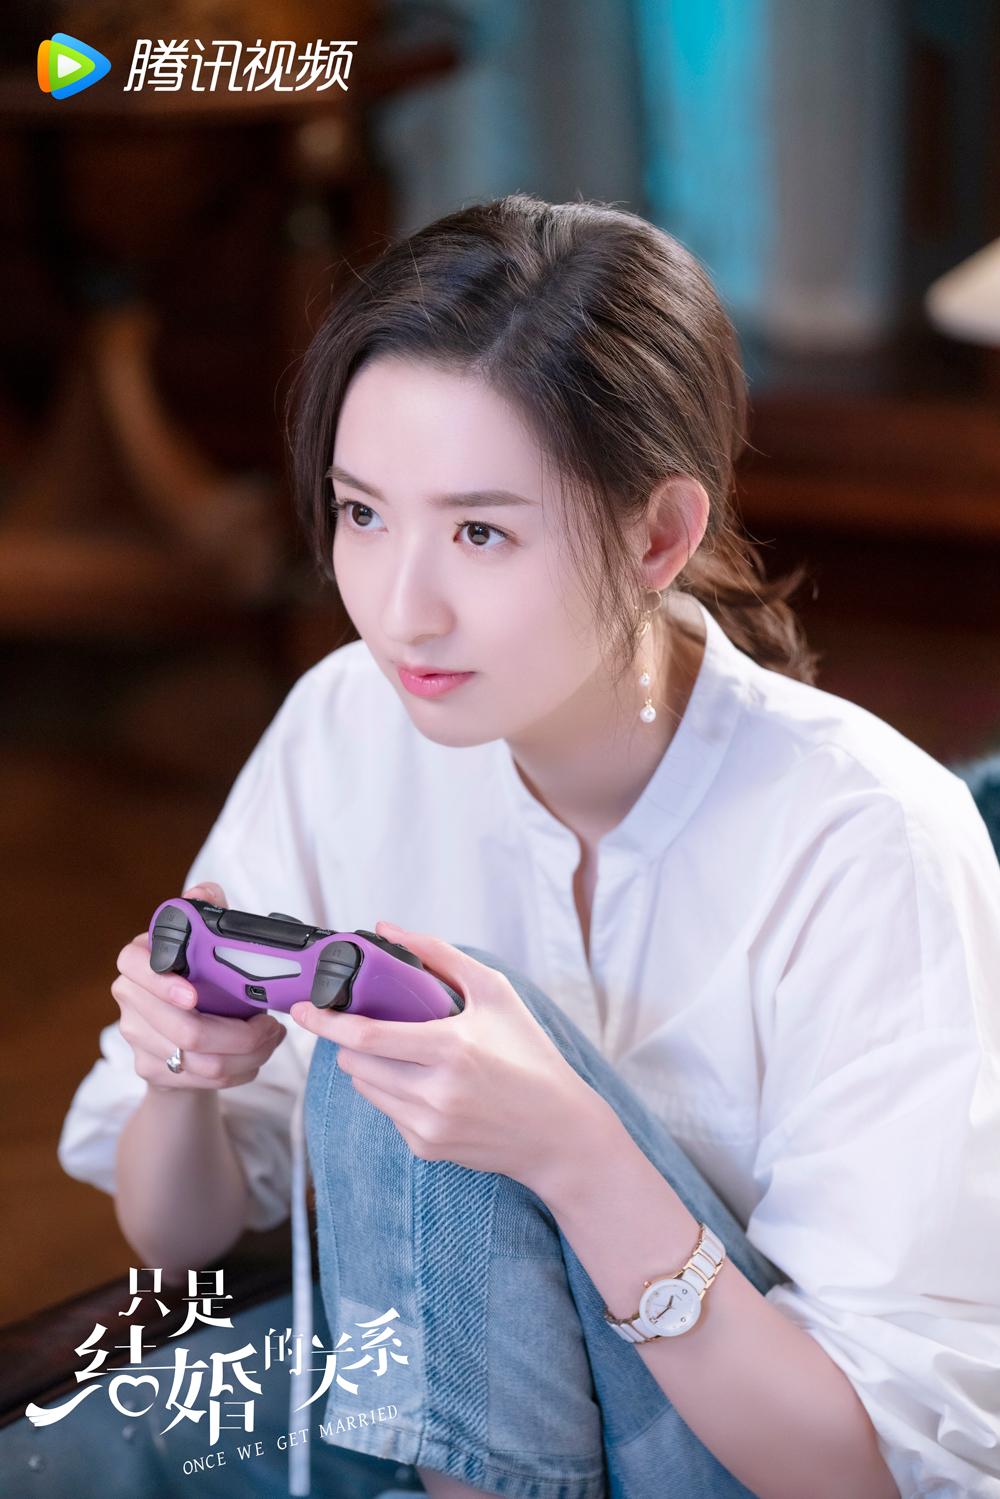 Wang Yuwen